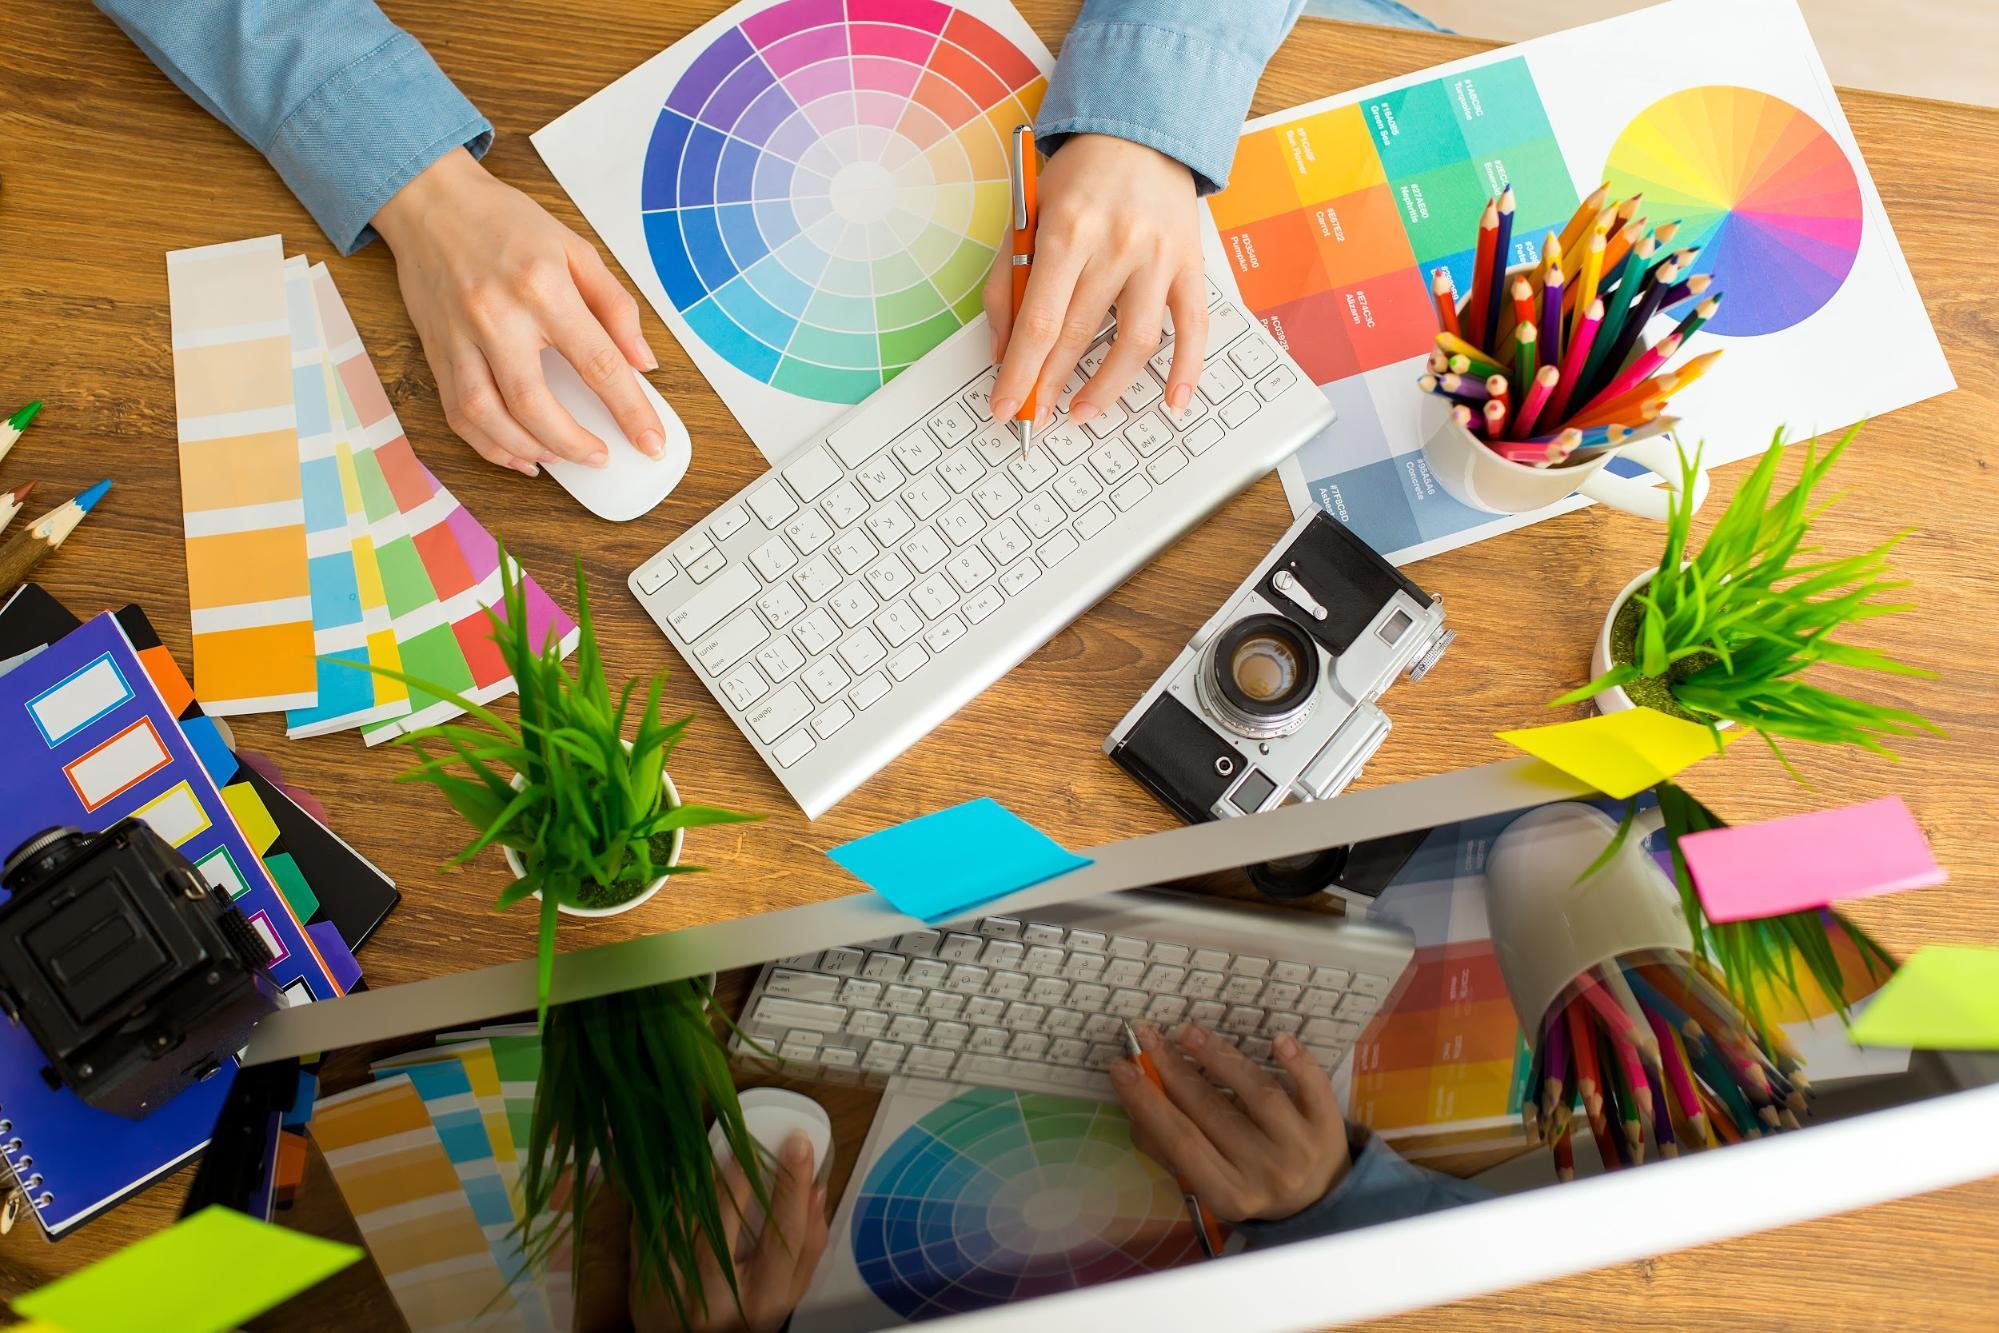 How to Create the Best Web Design Mockup: Visiting Designer Workshop